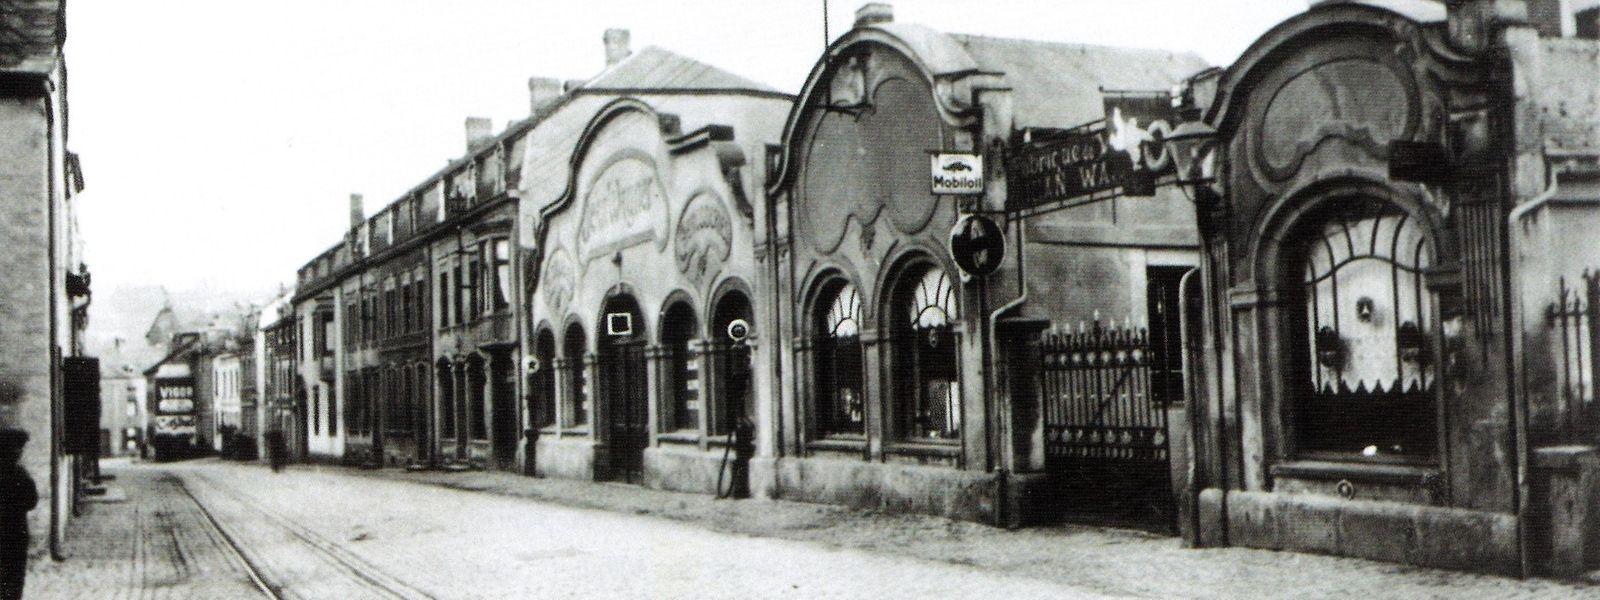 Die Grand Garage Jean Wagner in den 1930er-Jahren. Heute befindet sich in den an der Diekircher Rue de Stavelot gelegenen Räumlichkeiten das Nationale Konservatorium für historische Fahrzeuge.